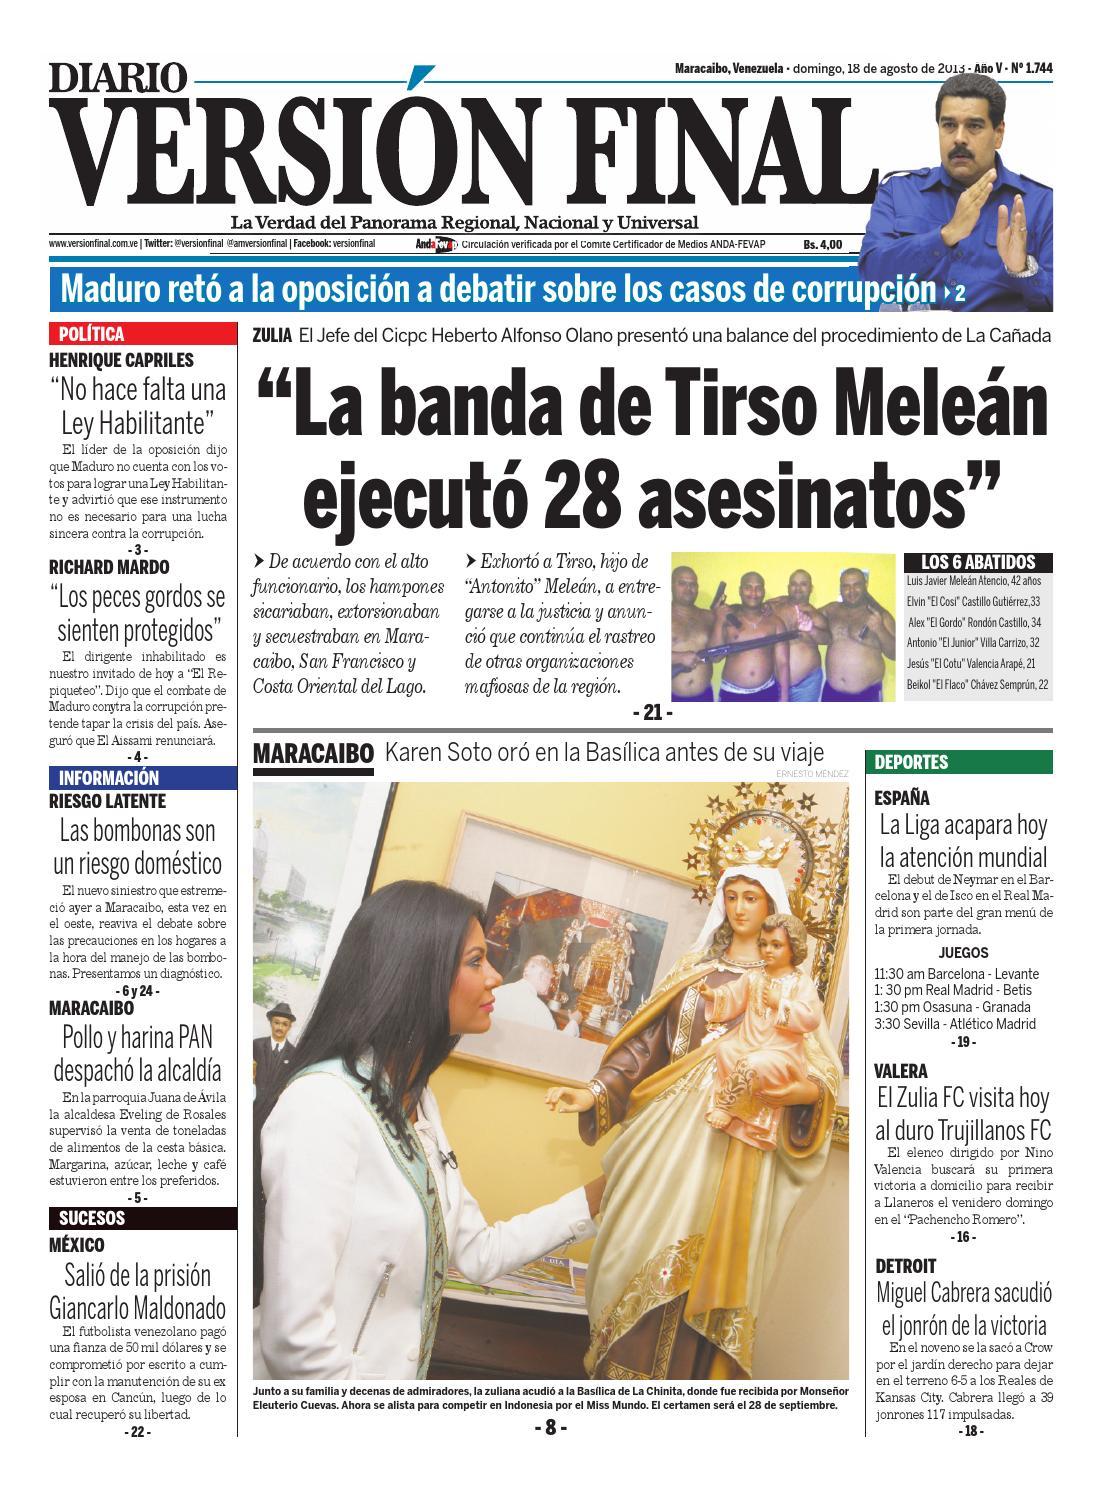 Diario Versión Final by Diario Versión Final - issuu af2c9aa5730db